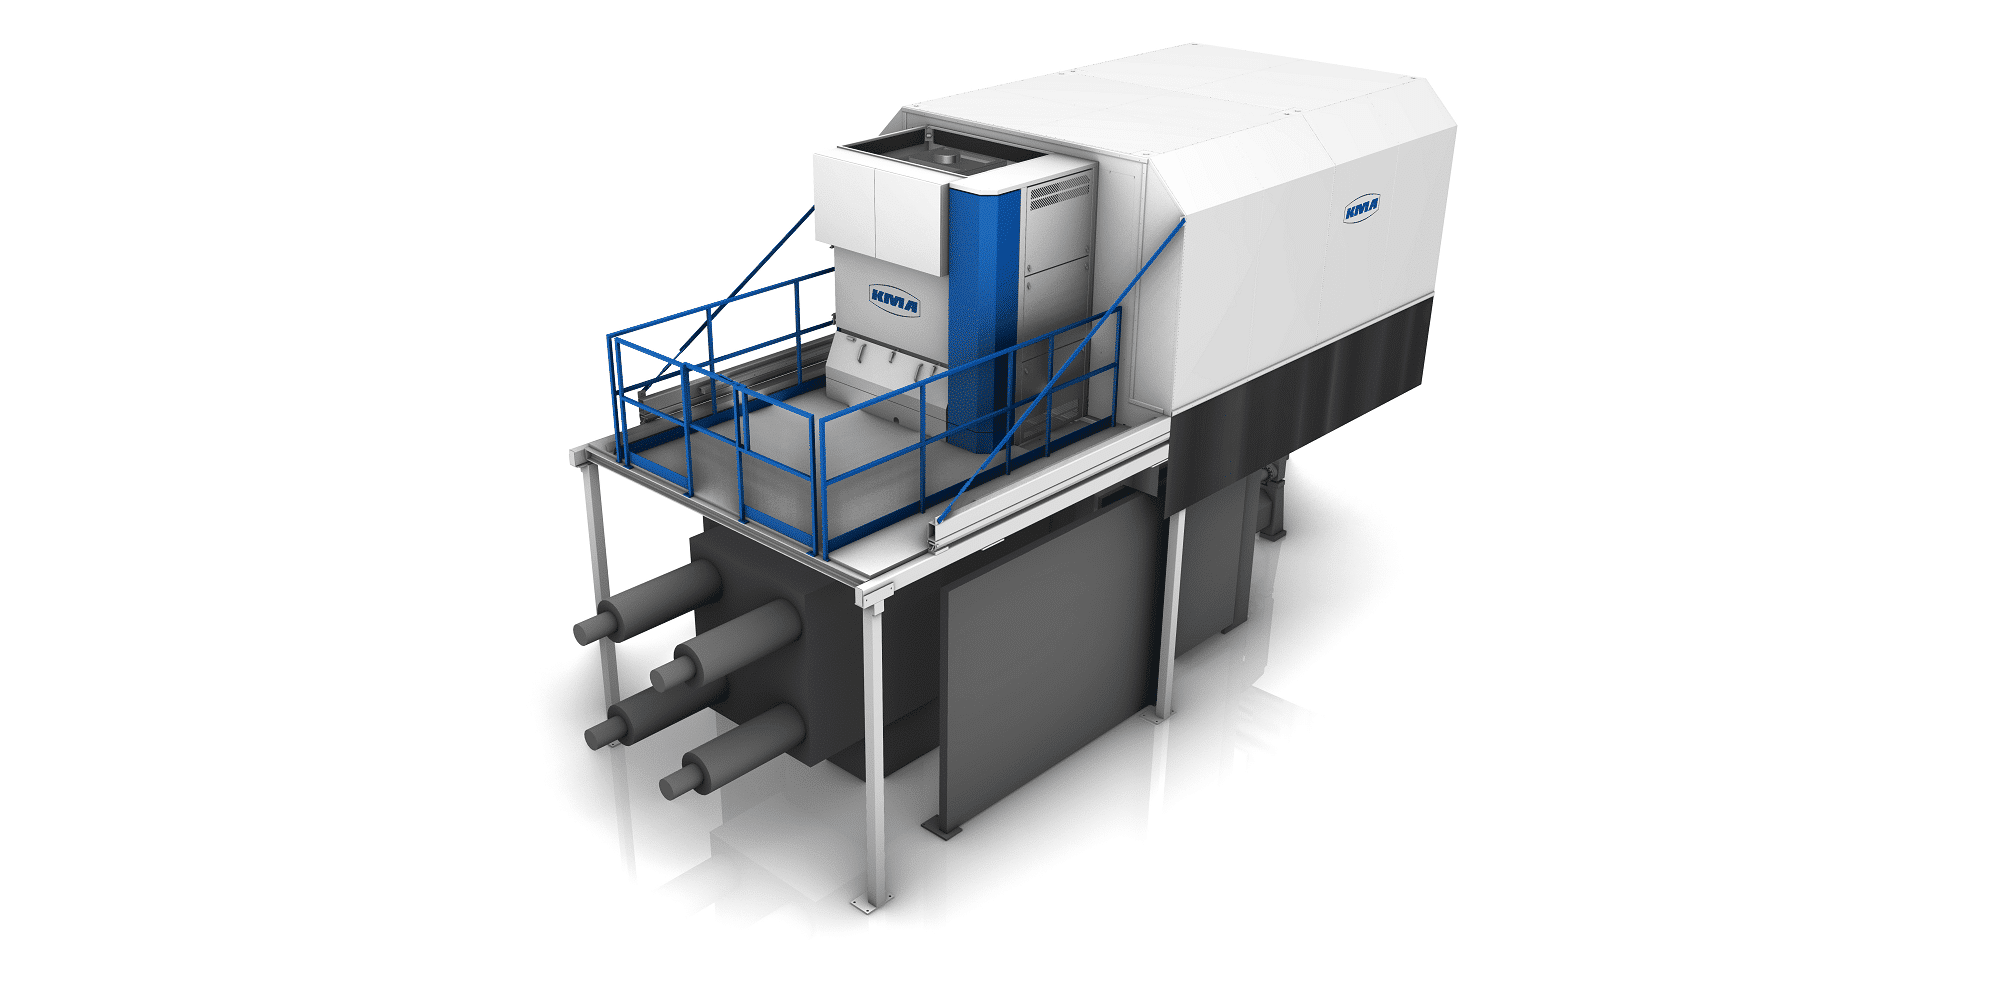 KMA ULTRAVENT Filtersystem und Absaughaube über der Druckgießmaschine